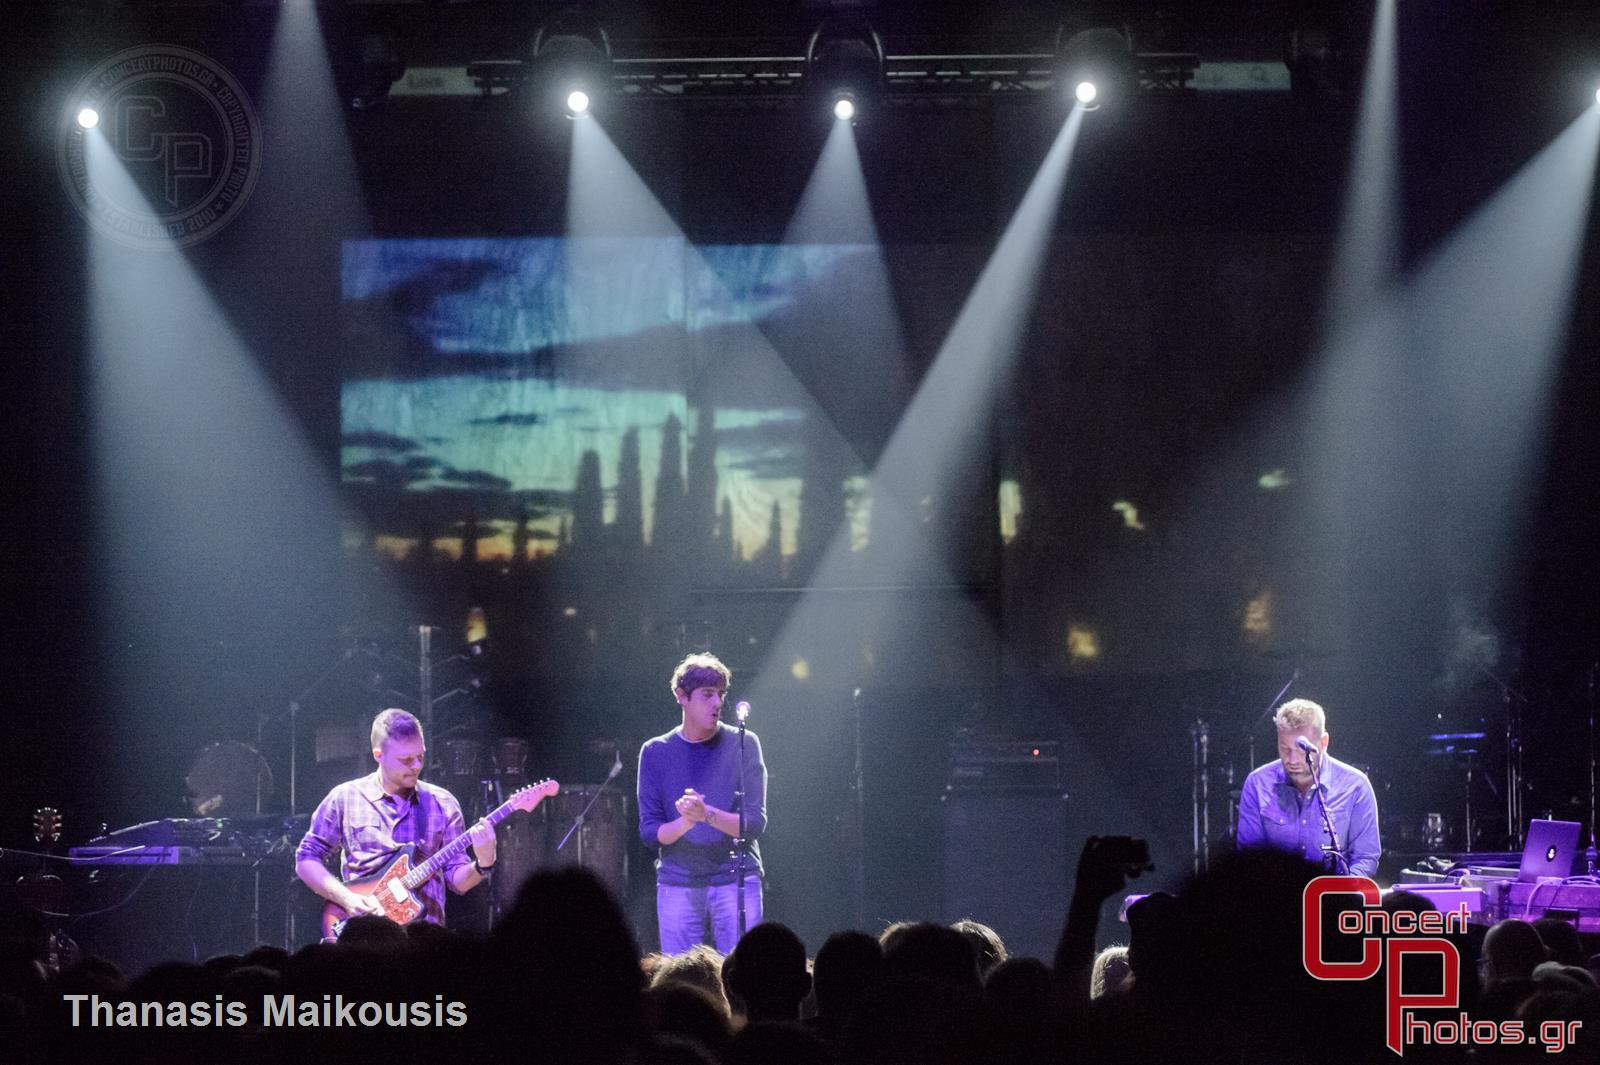 Sebastien Telier & Liebe-Sebastien Telier Liebe photographer: Thanasis Maikousis - concertphotos_20141107_22_44_46